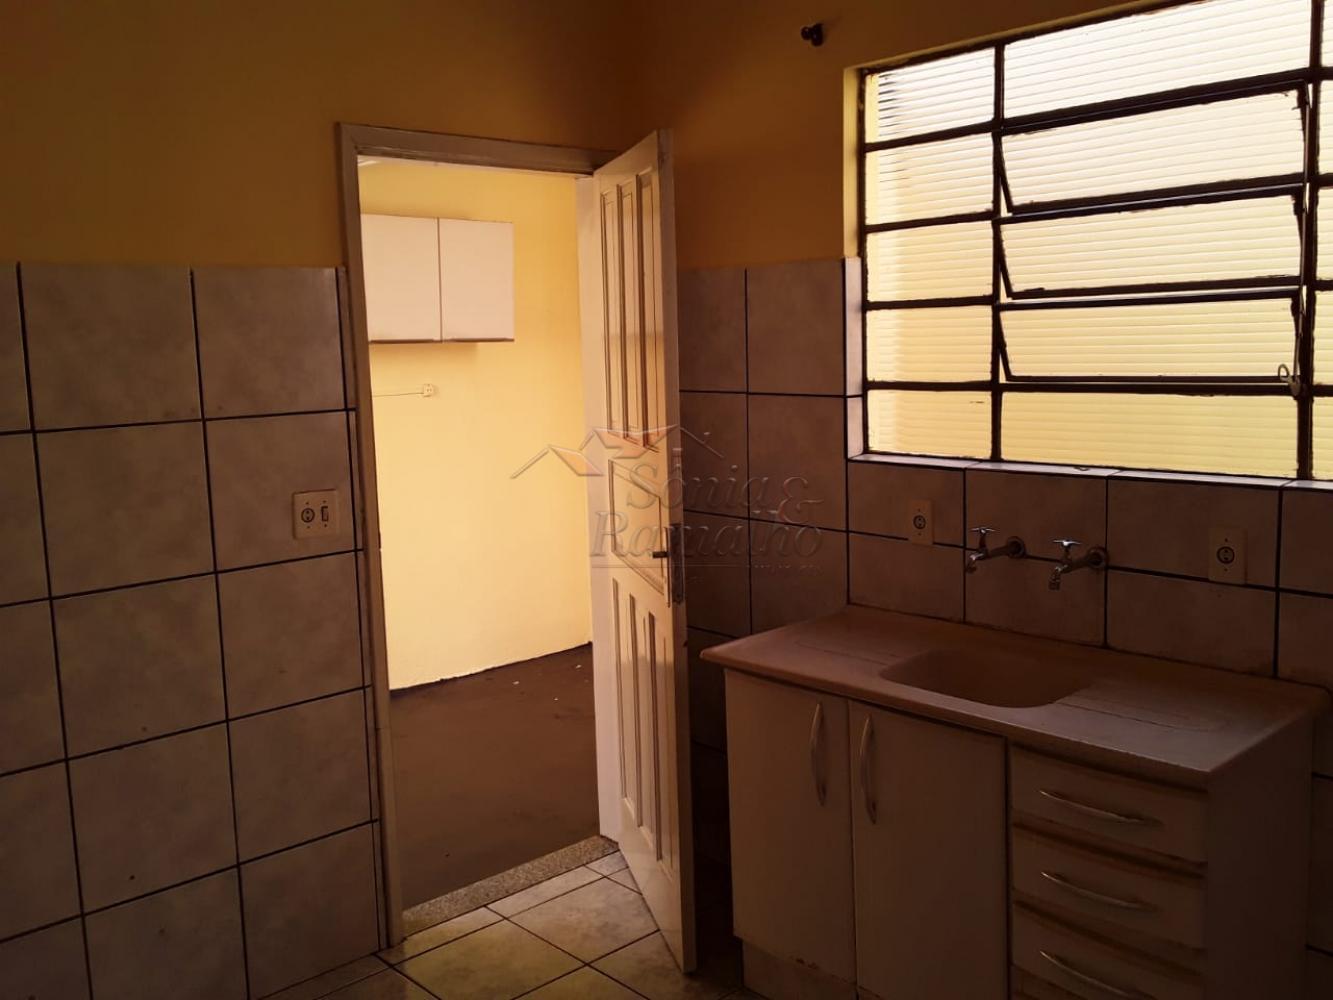 Alugar Casas / Padrão em Ribeirão Preto apenas R$ 700,00 - Foto 7